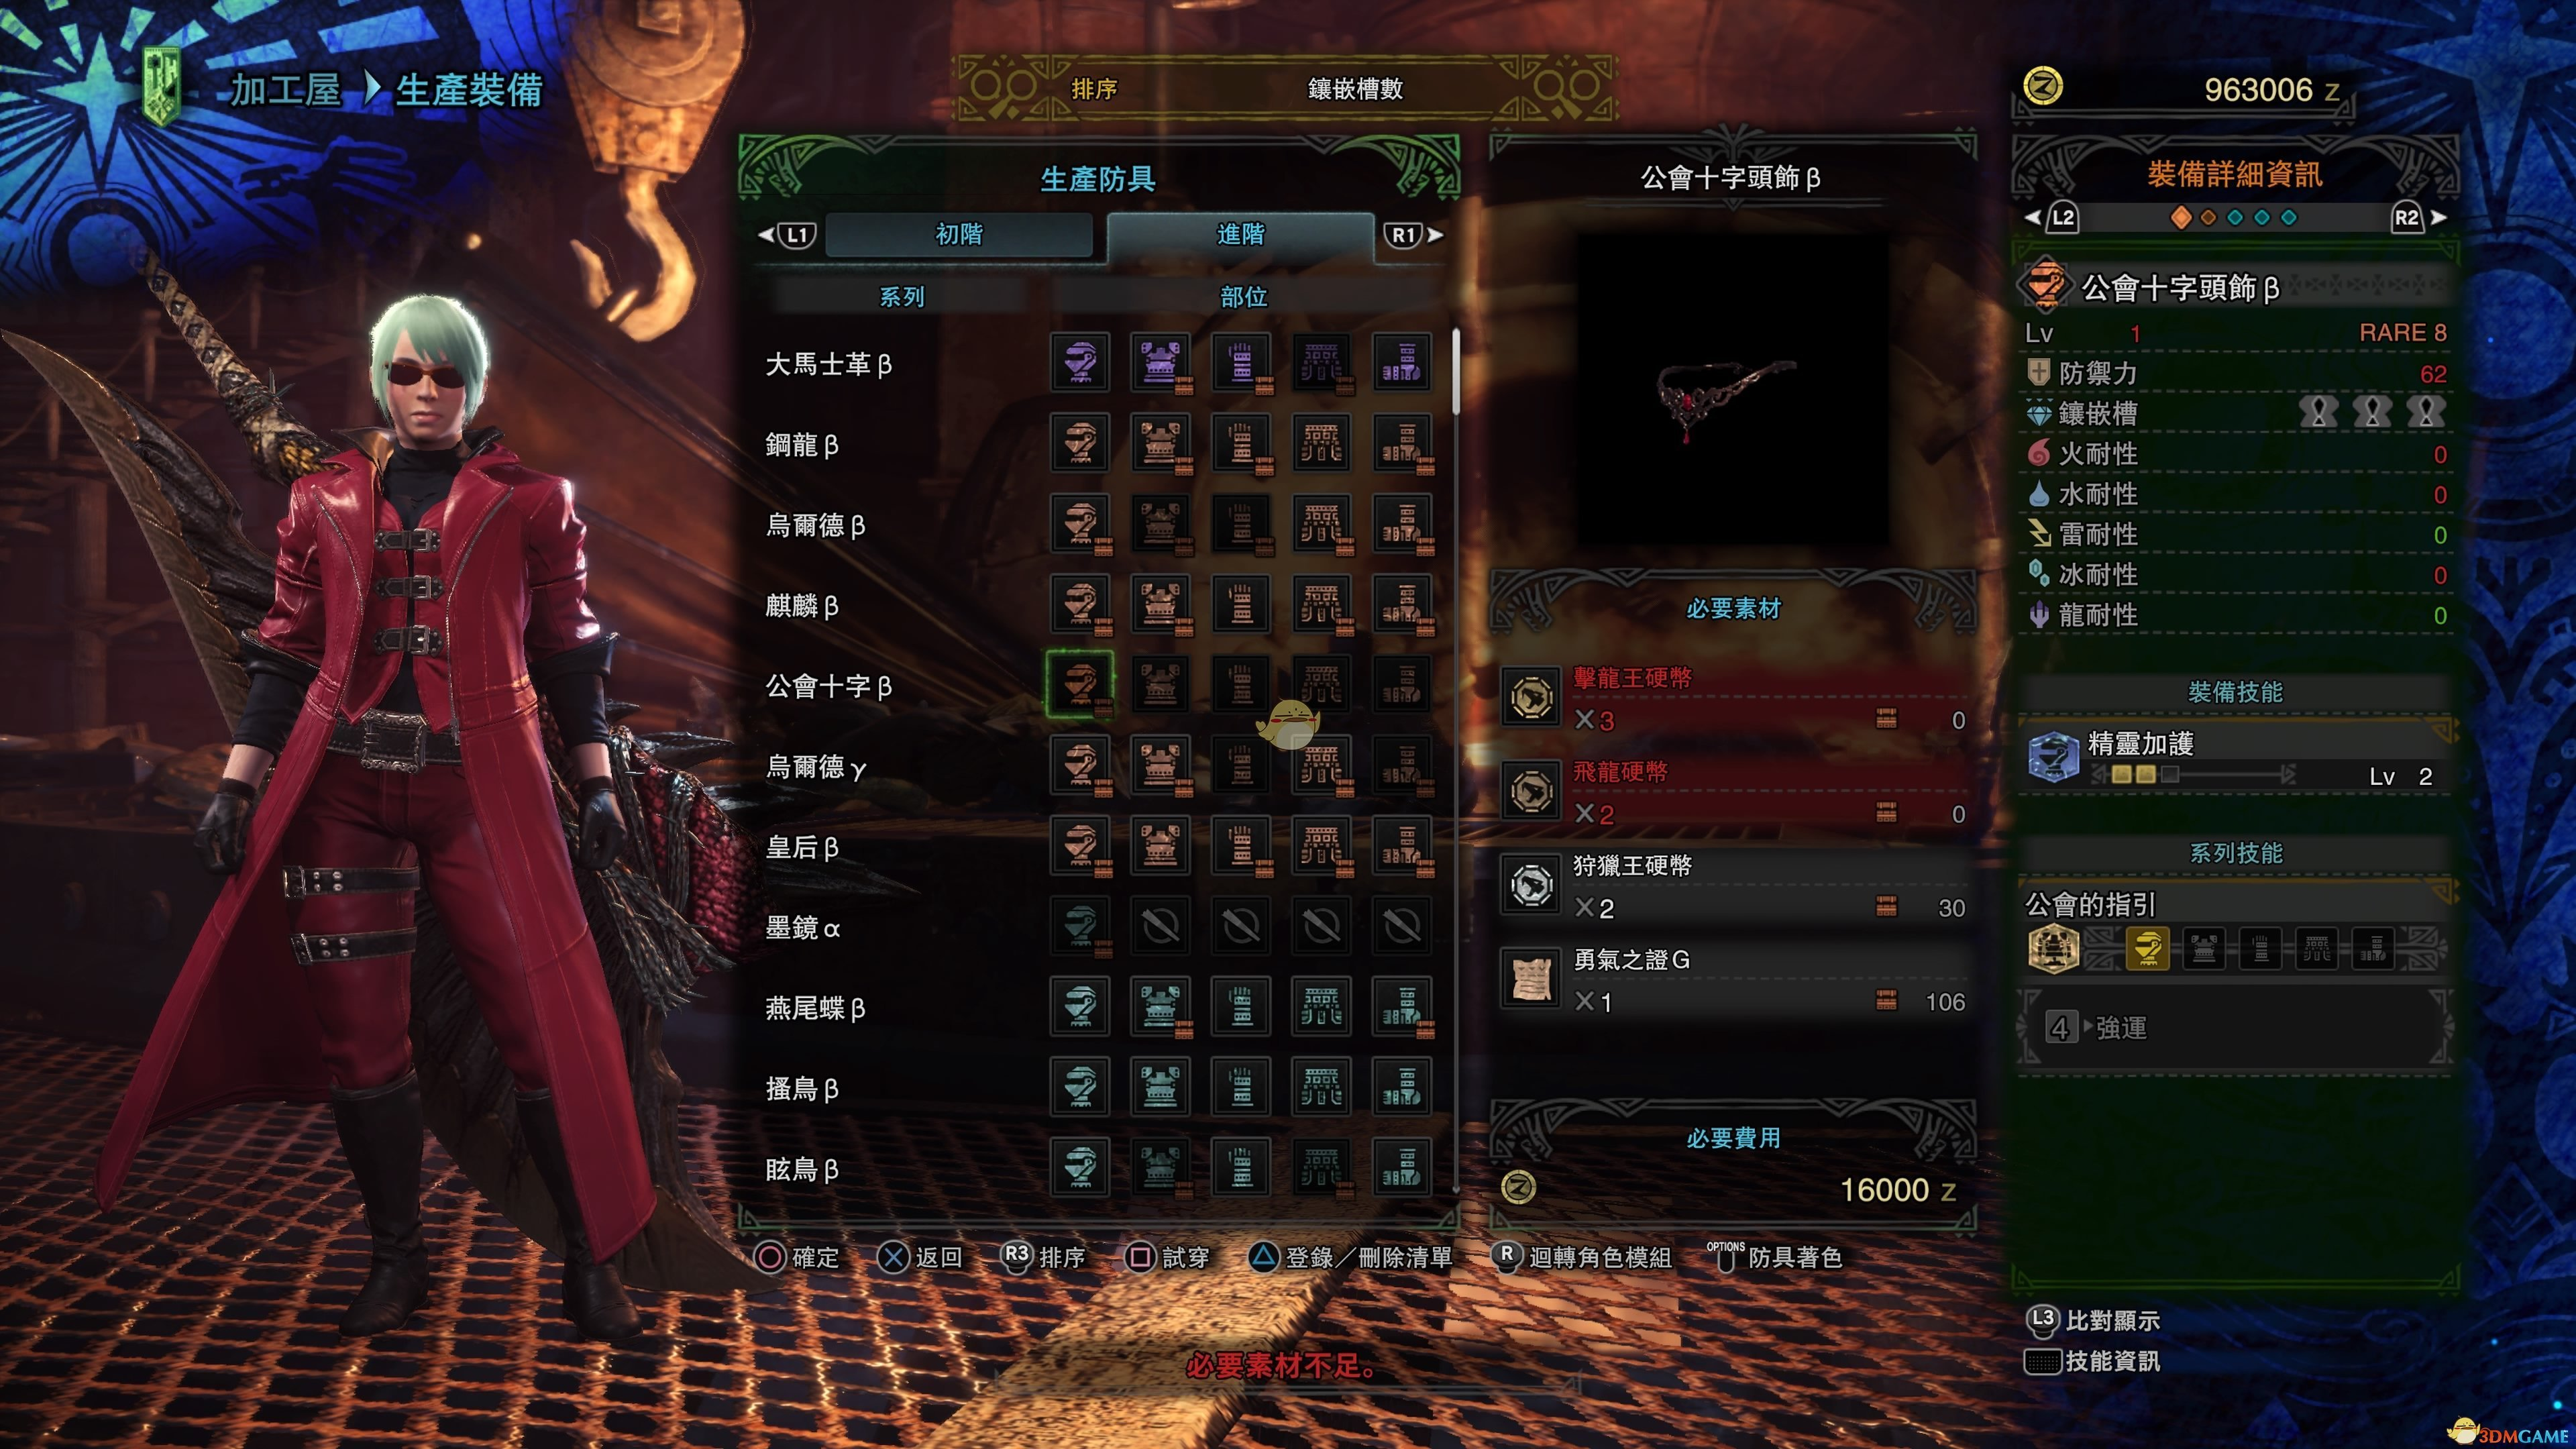 《怪物猎人:世界》PC版1.1版本常用装备推荐